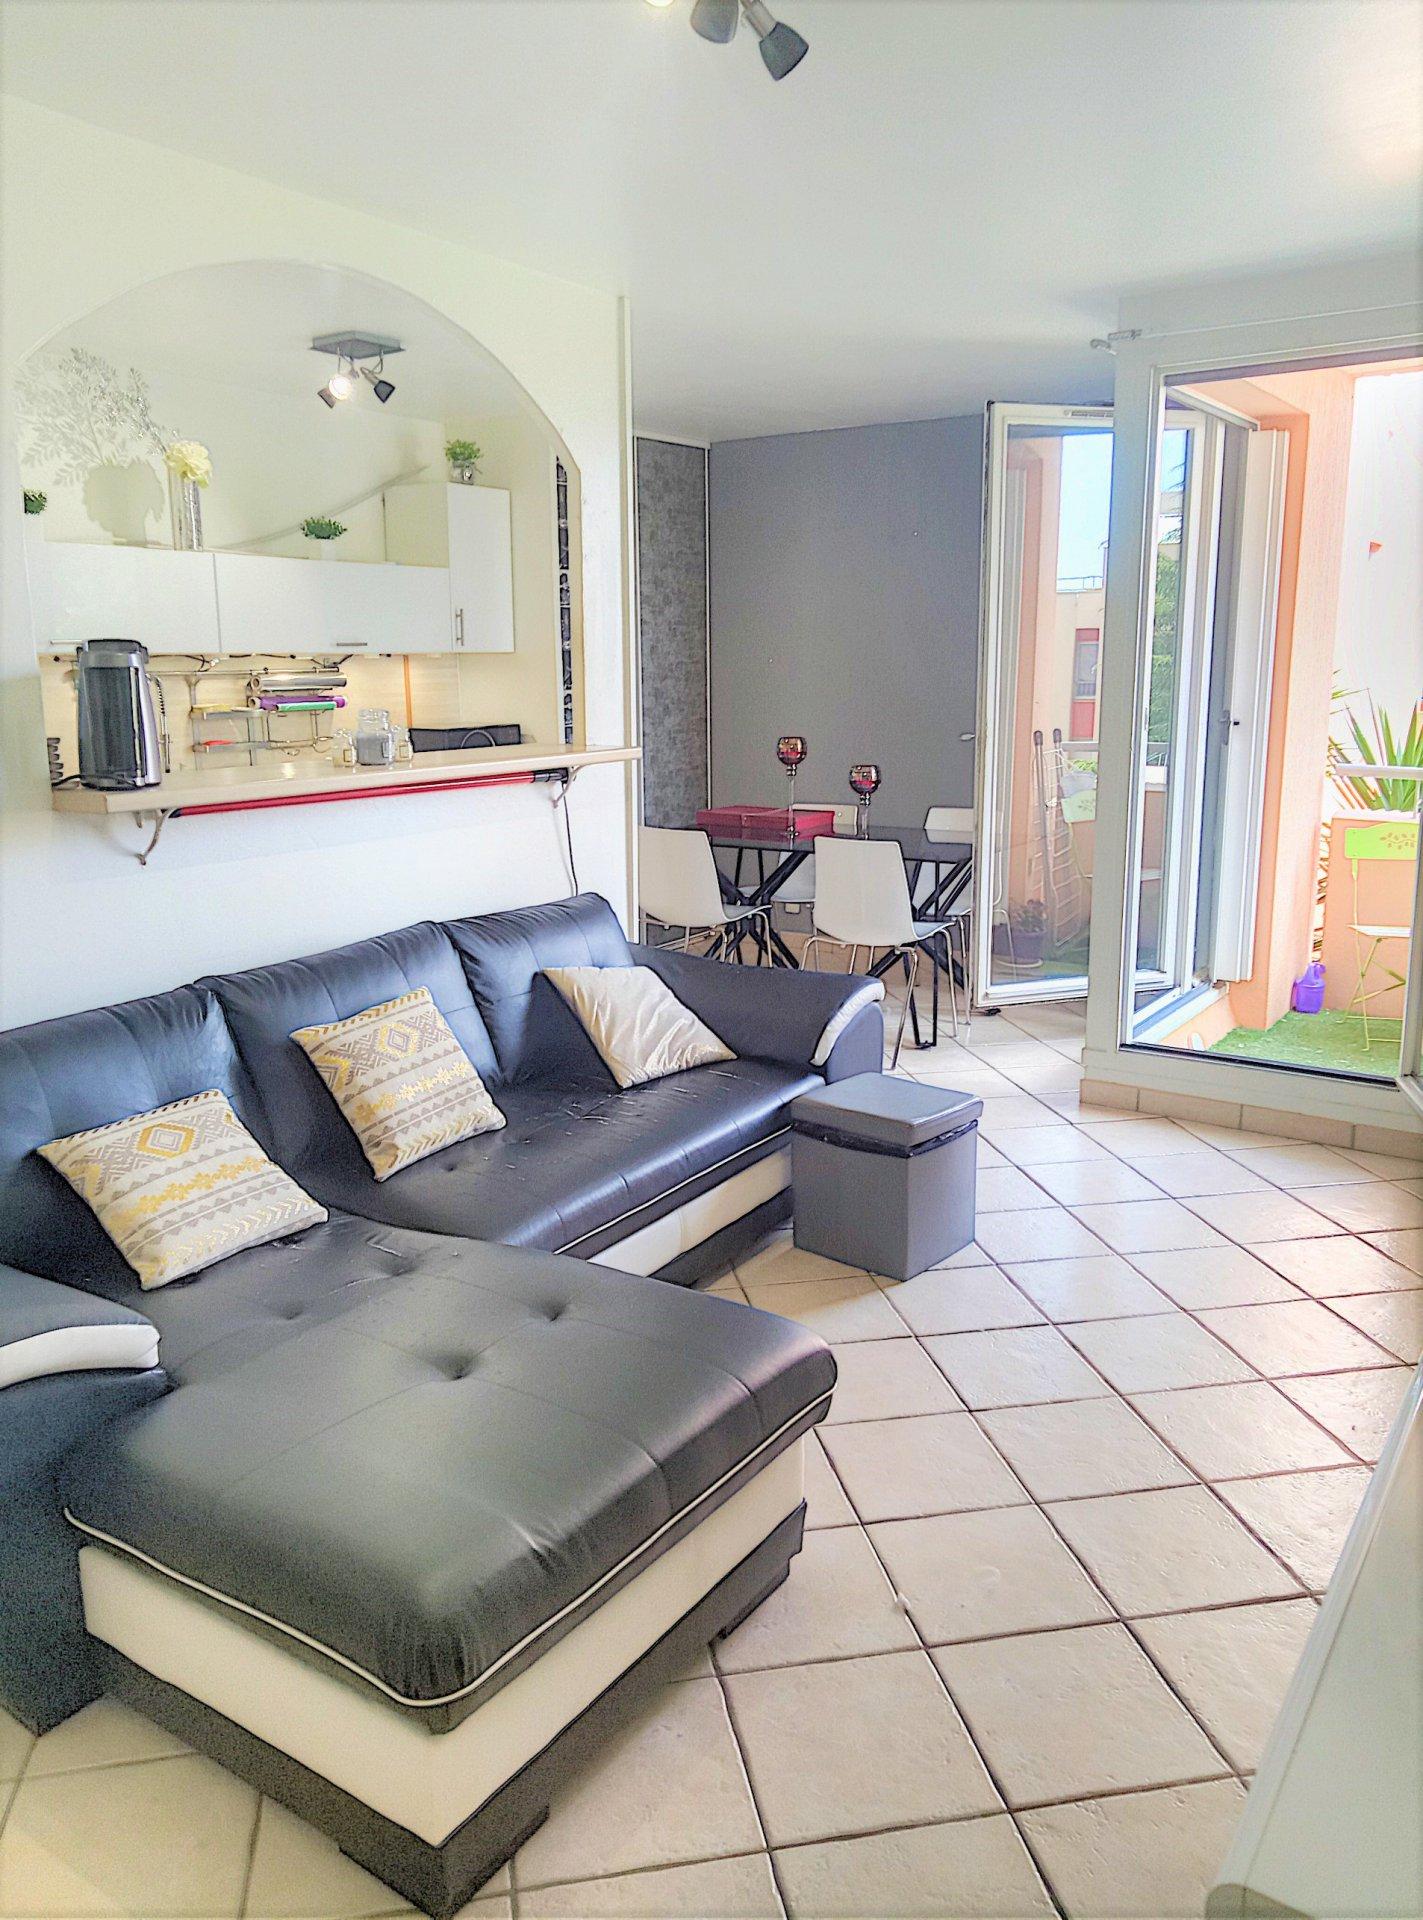 Saint-Laurent-du-Var (06700) - Appartement 2 pièces - Terrasse - Parking